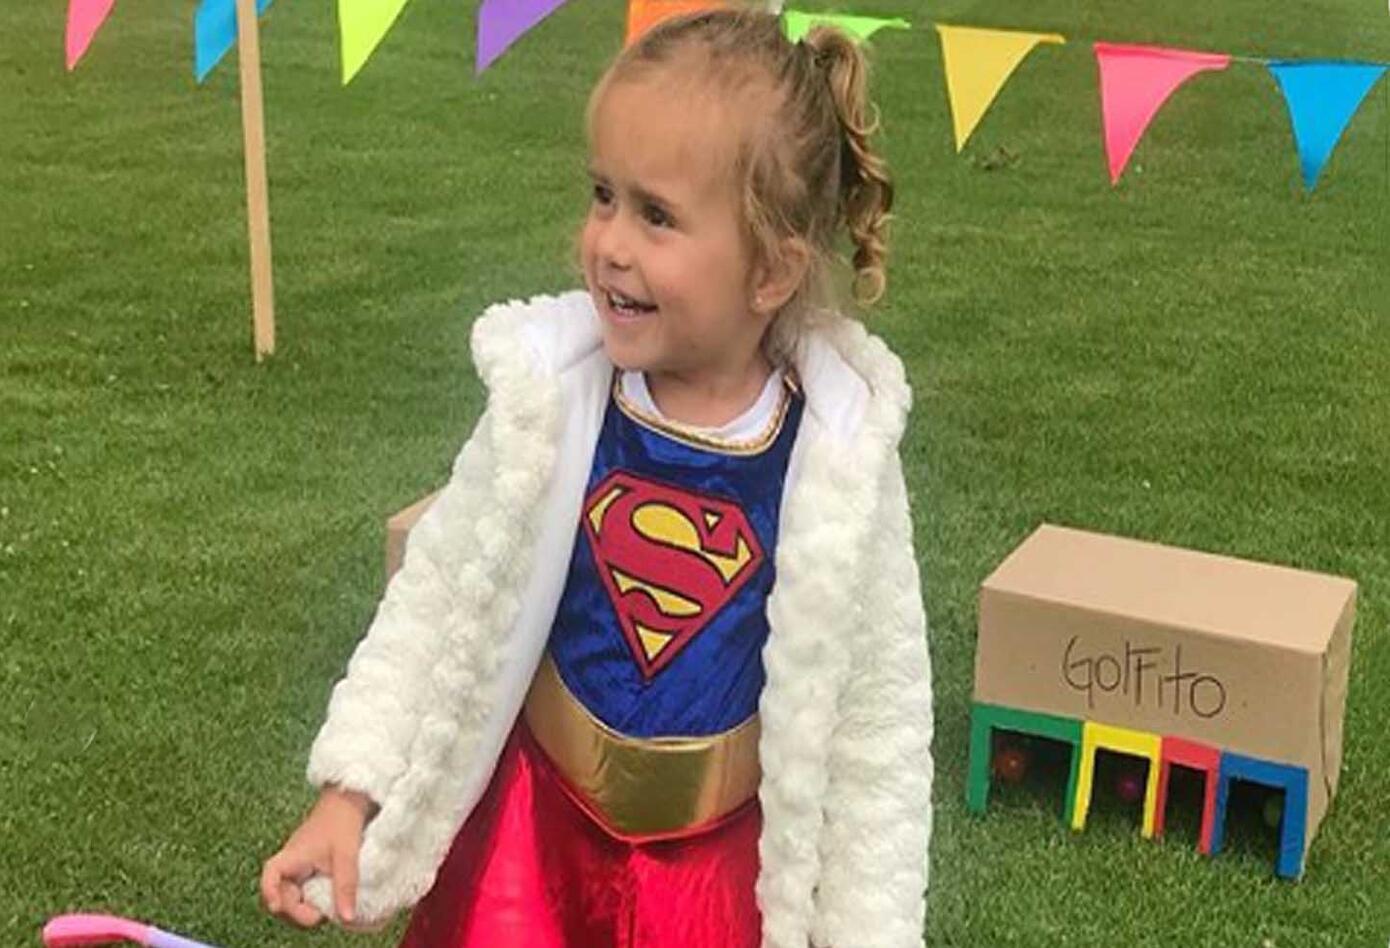 La presentadora María Clara Rodríguez disfazó a su hija de SuperGirl. La niña lució el traje con el cabello recogido y una capa roja.